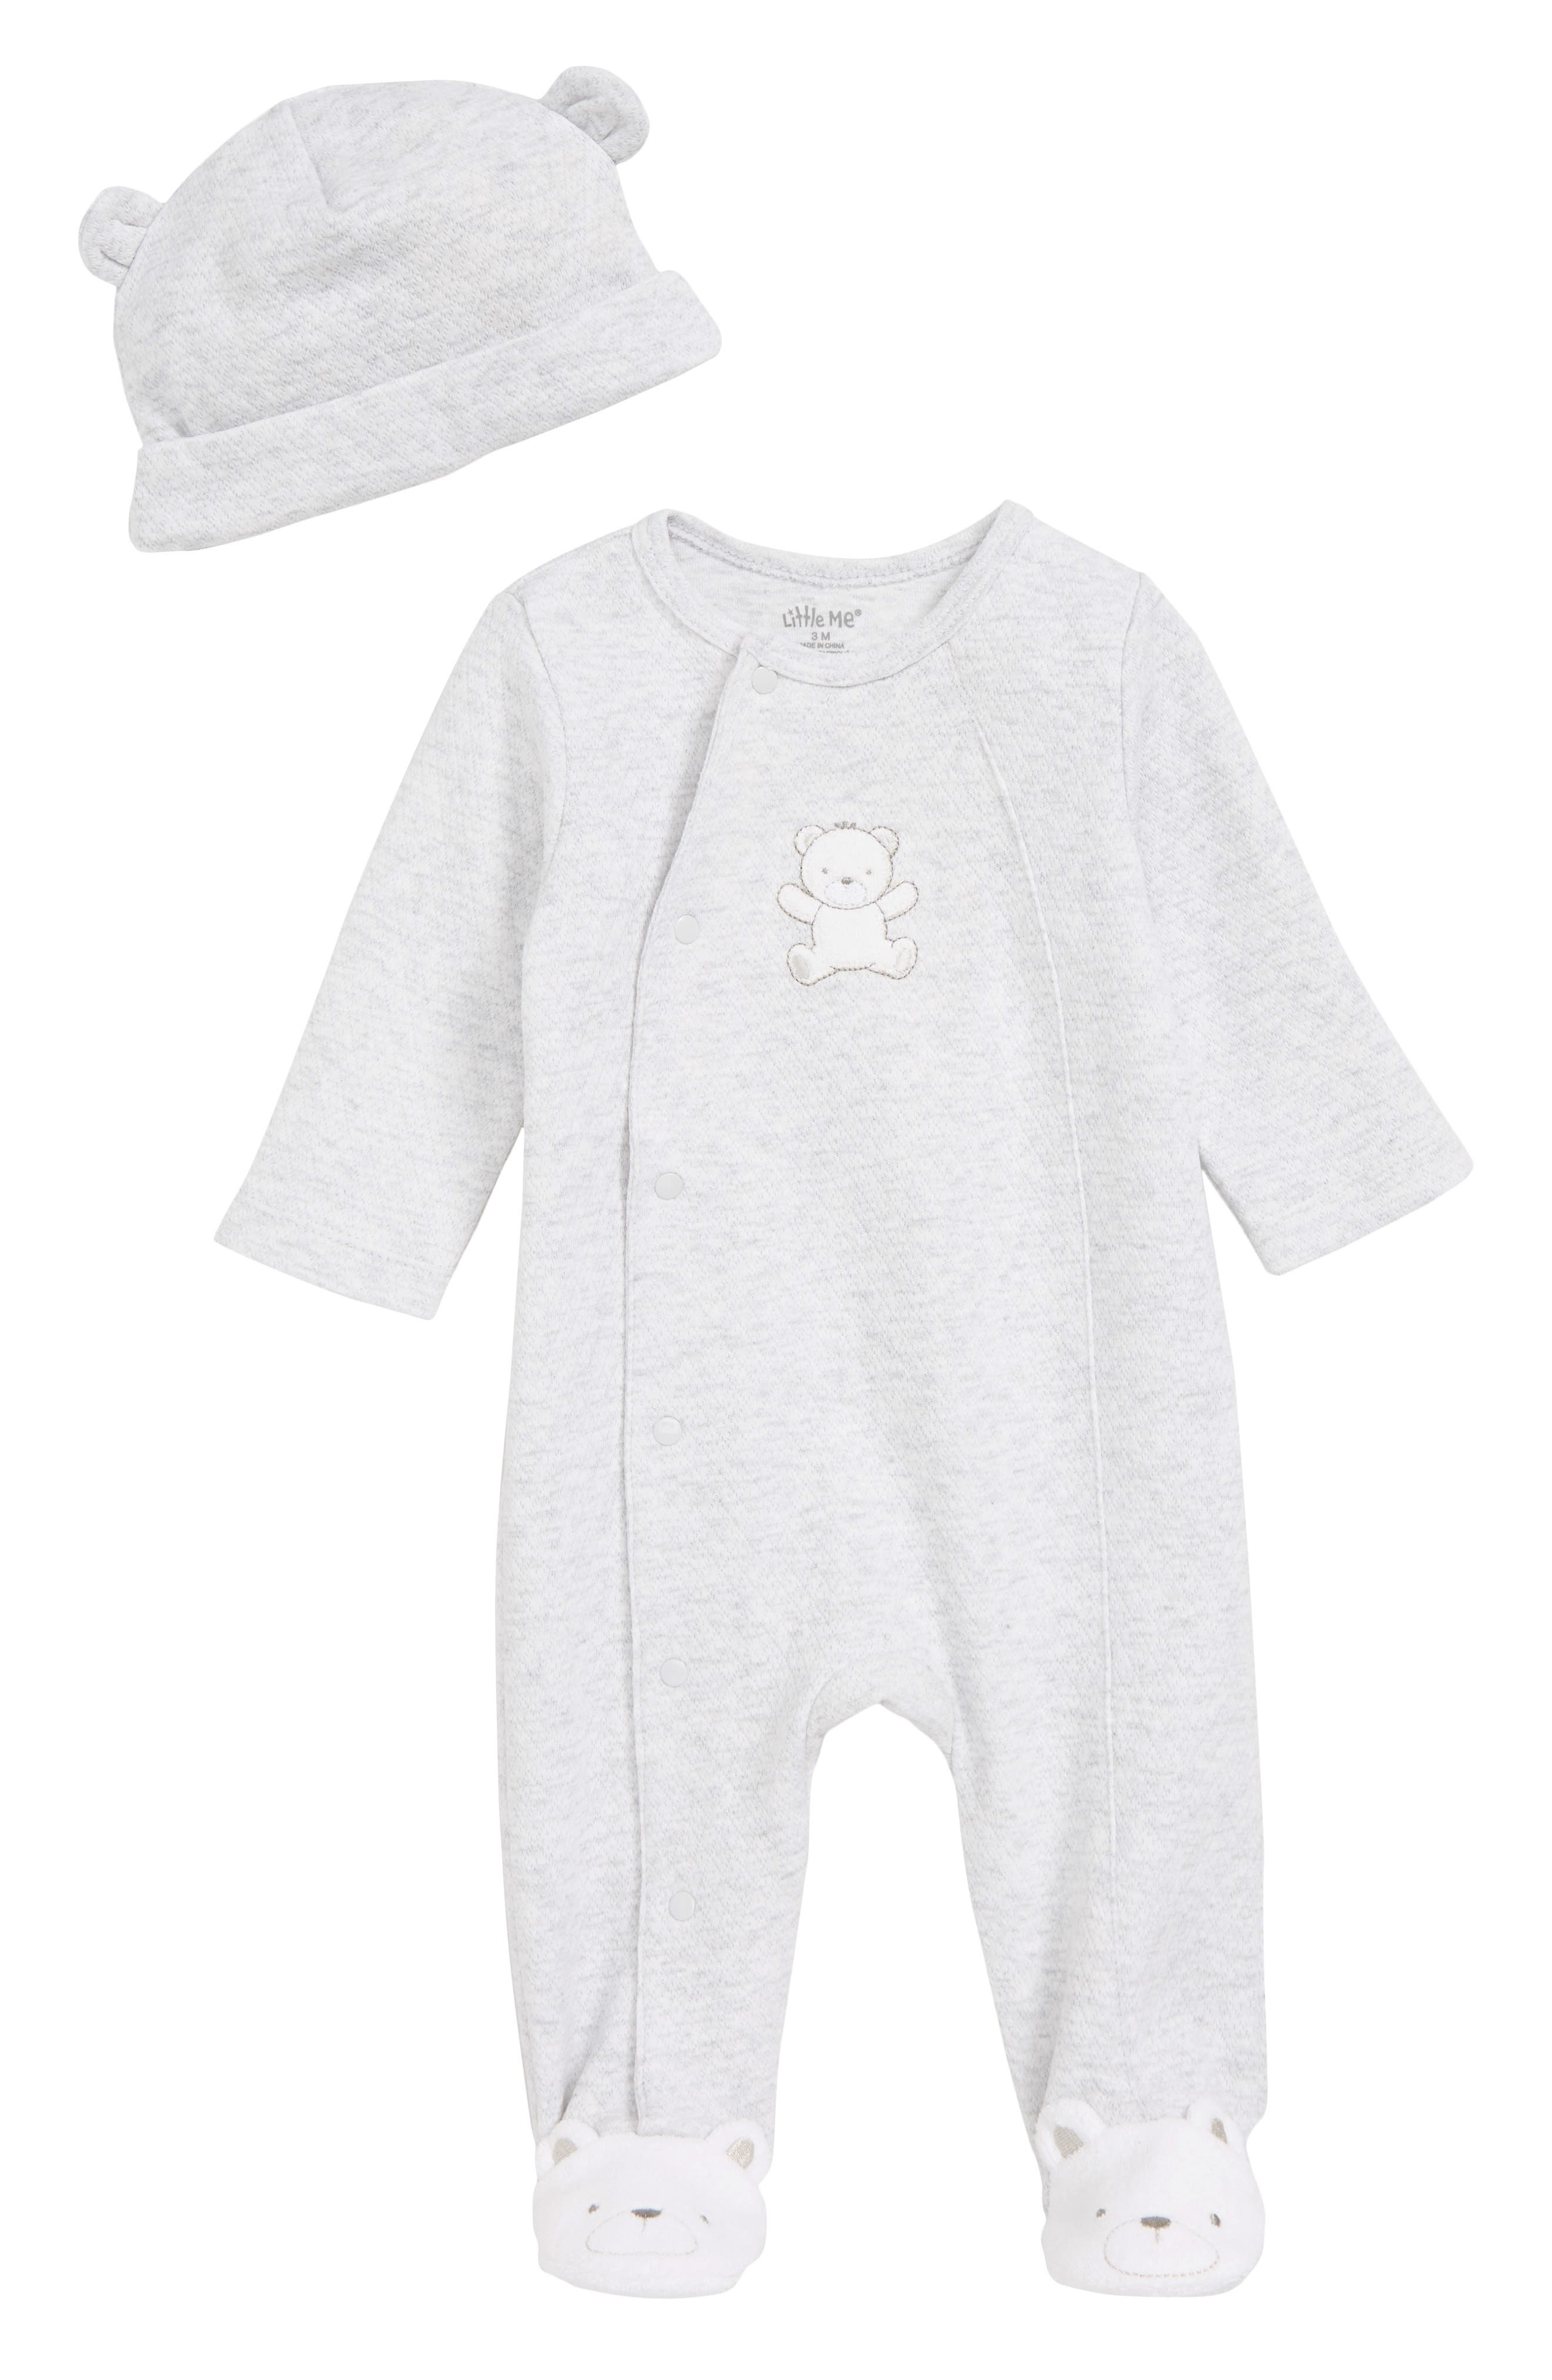 d6e98476690 All Baby Boy Little Me Clothes